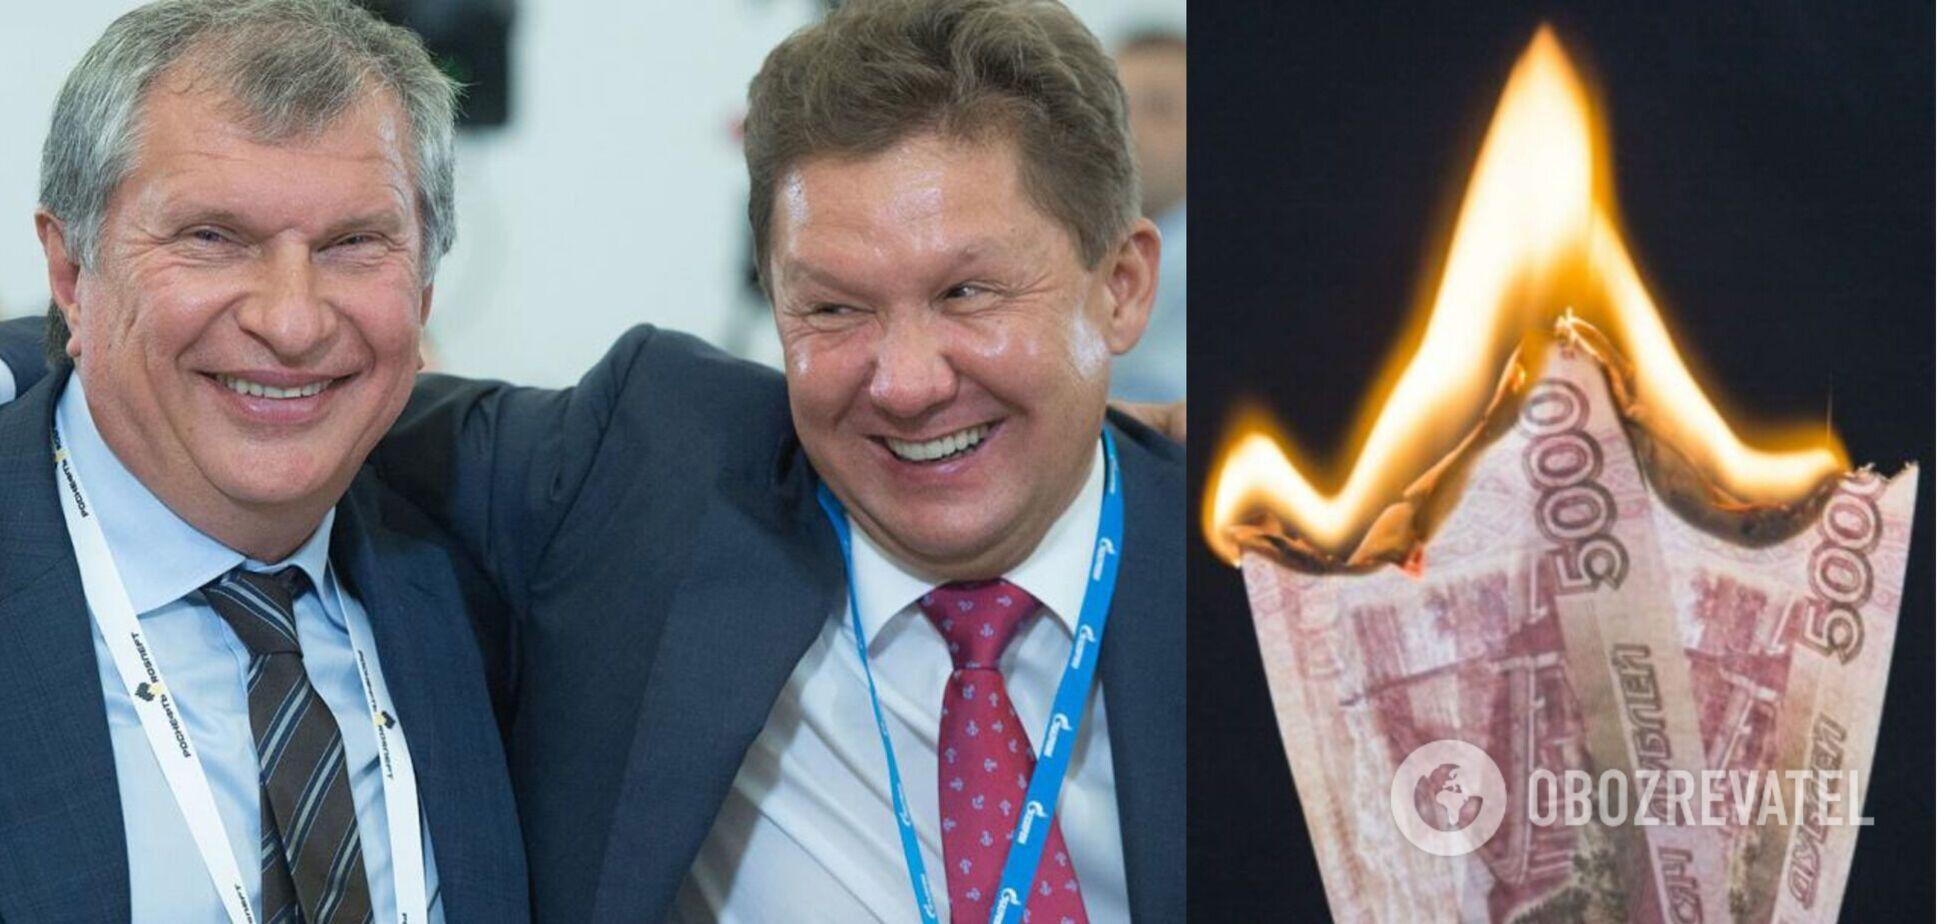 Рост цен в России: дана команда 'Стоять'